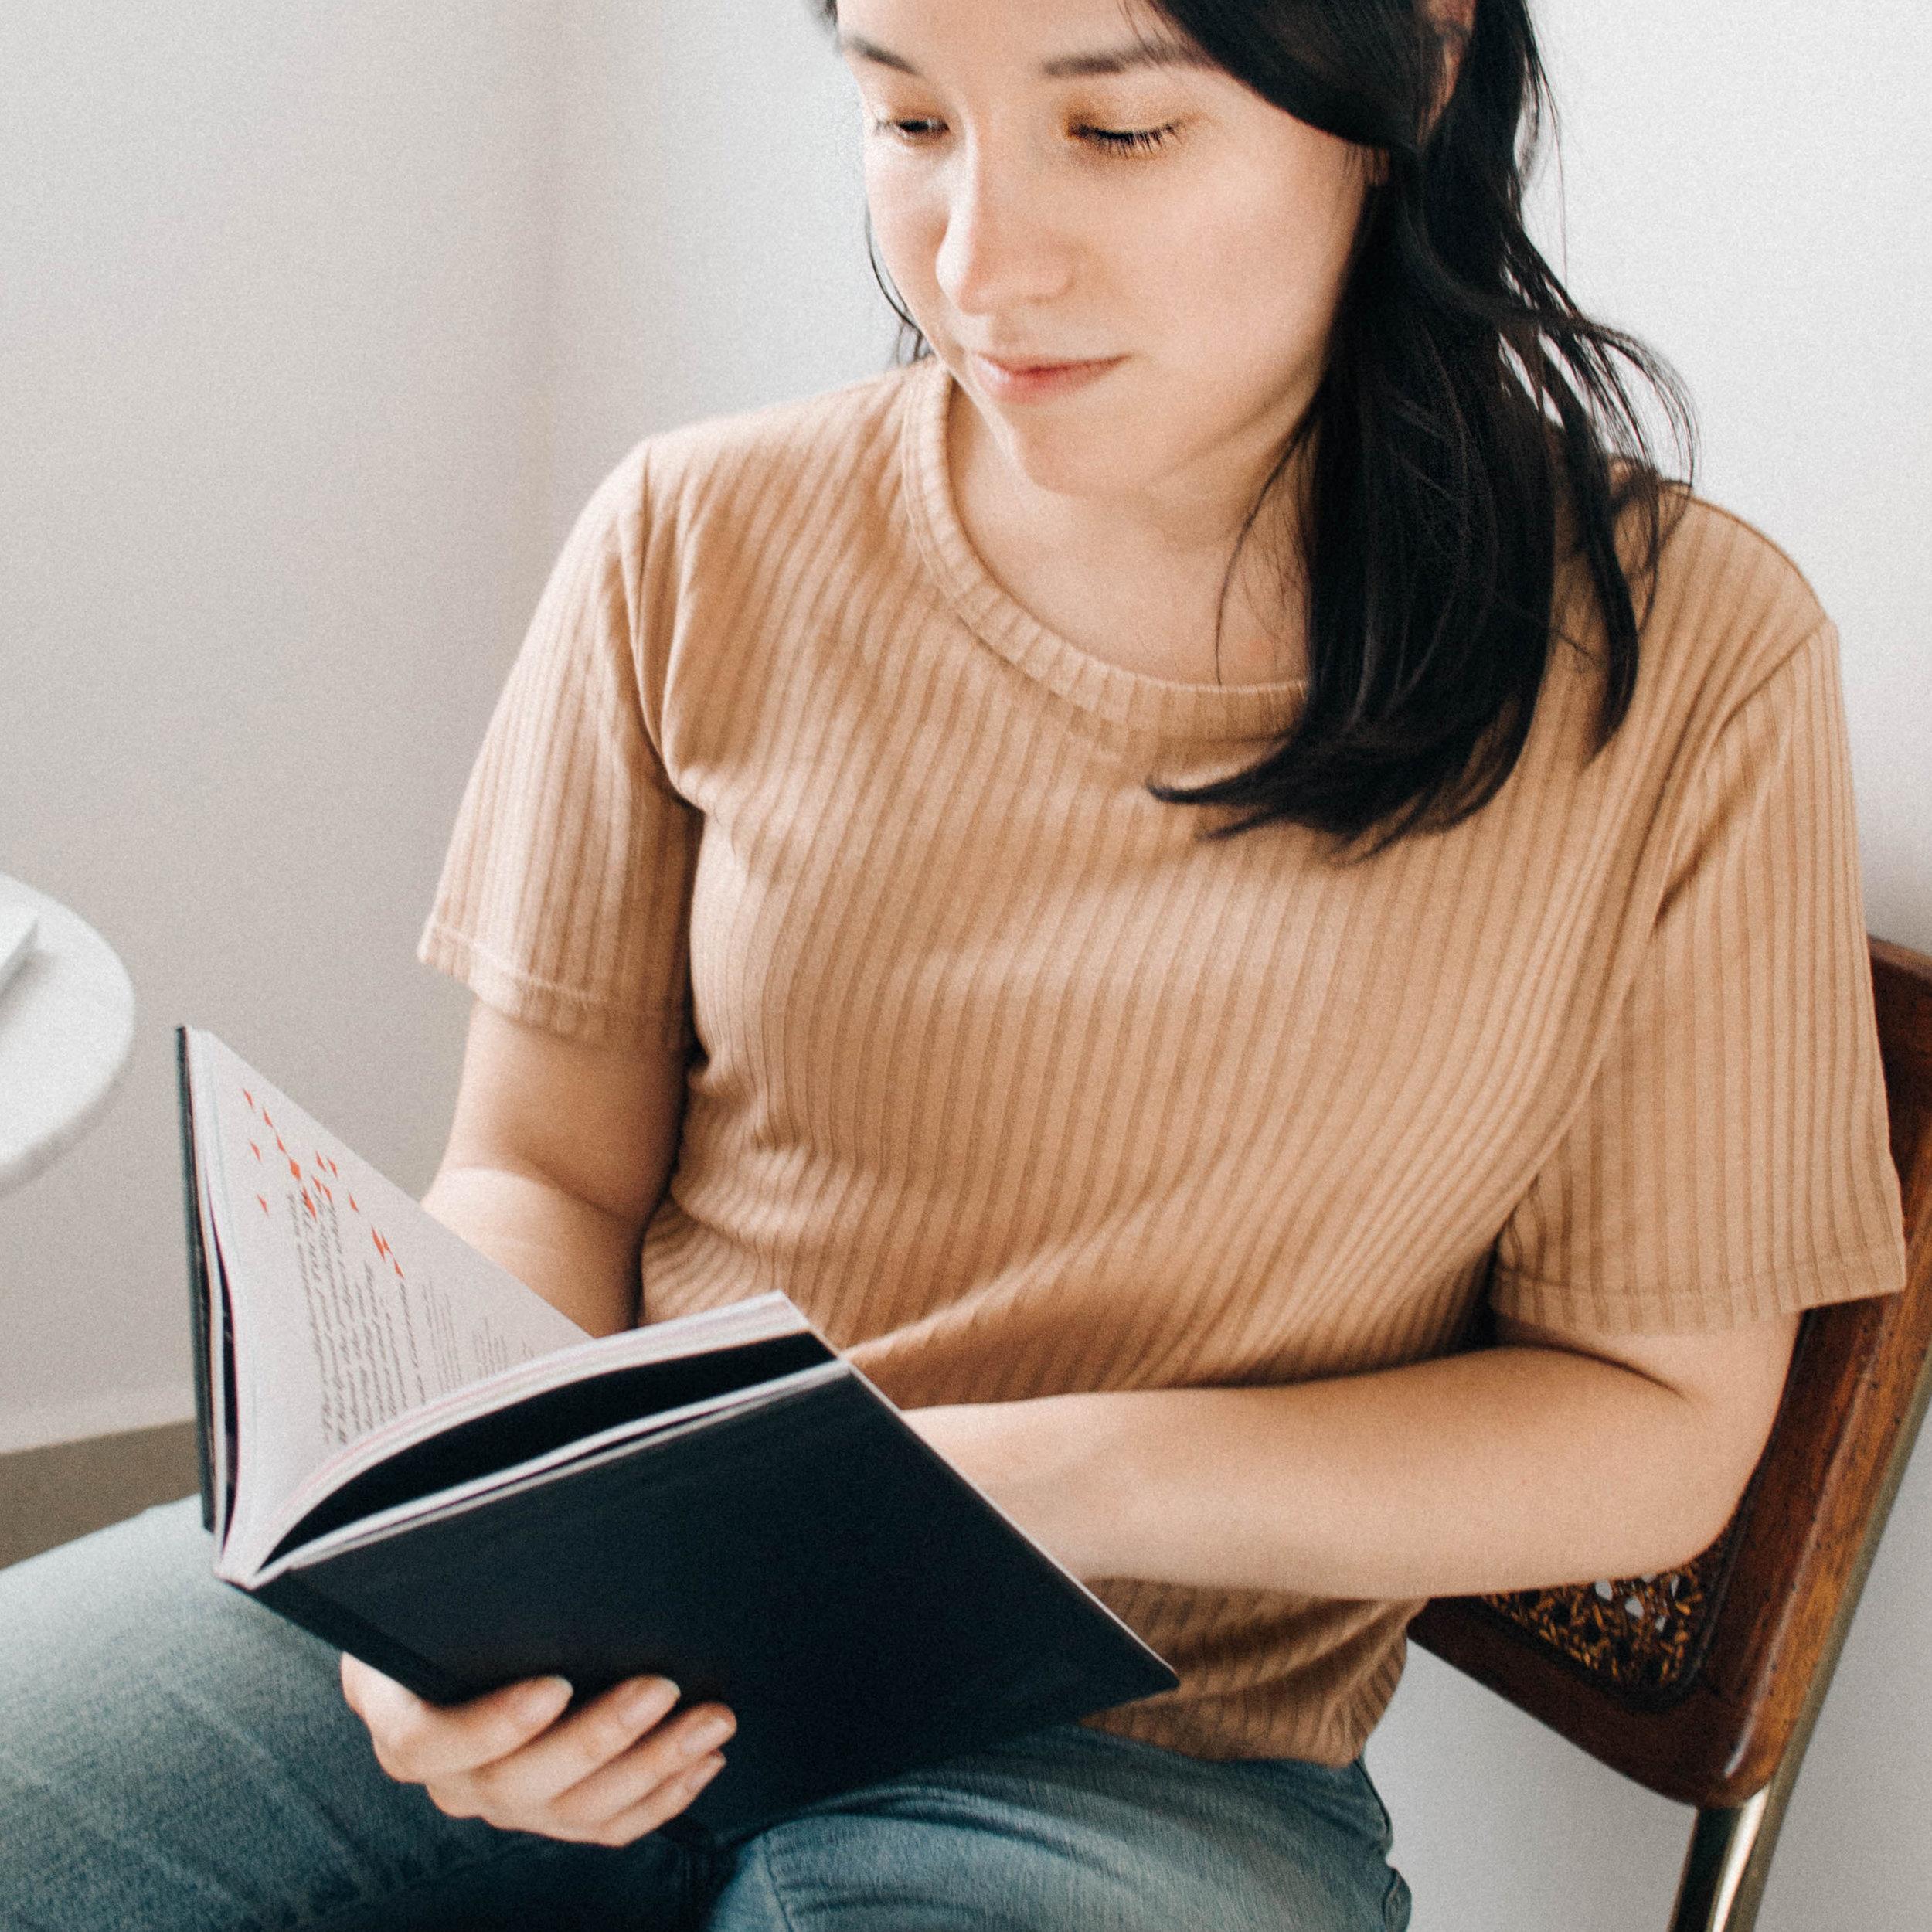 4 Técnicas De Productividad Para Ordenar Tu Vida - Por Lila Miller